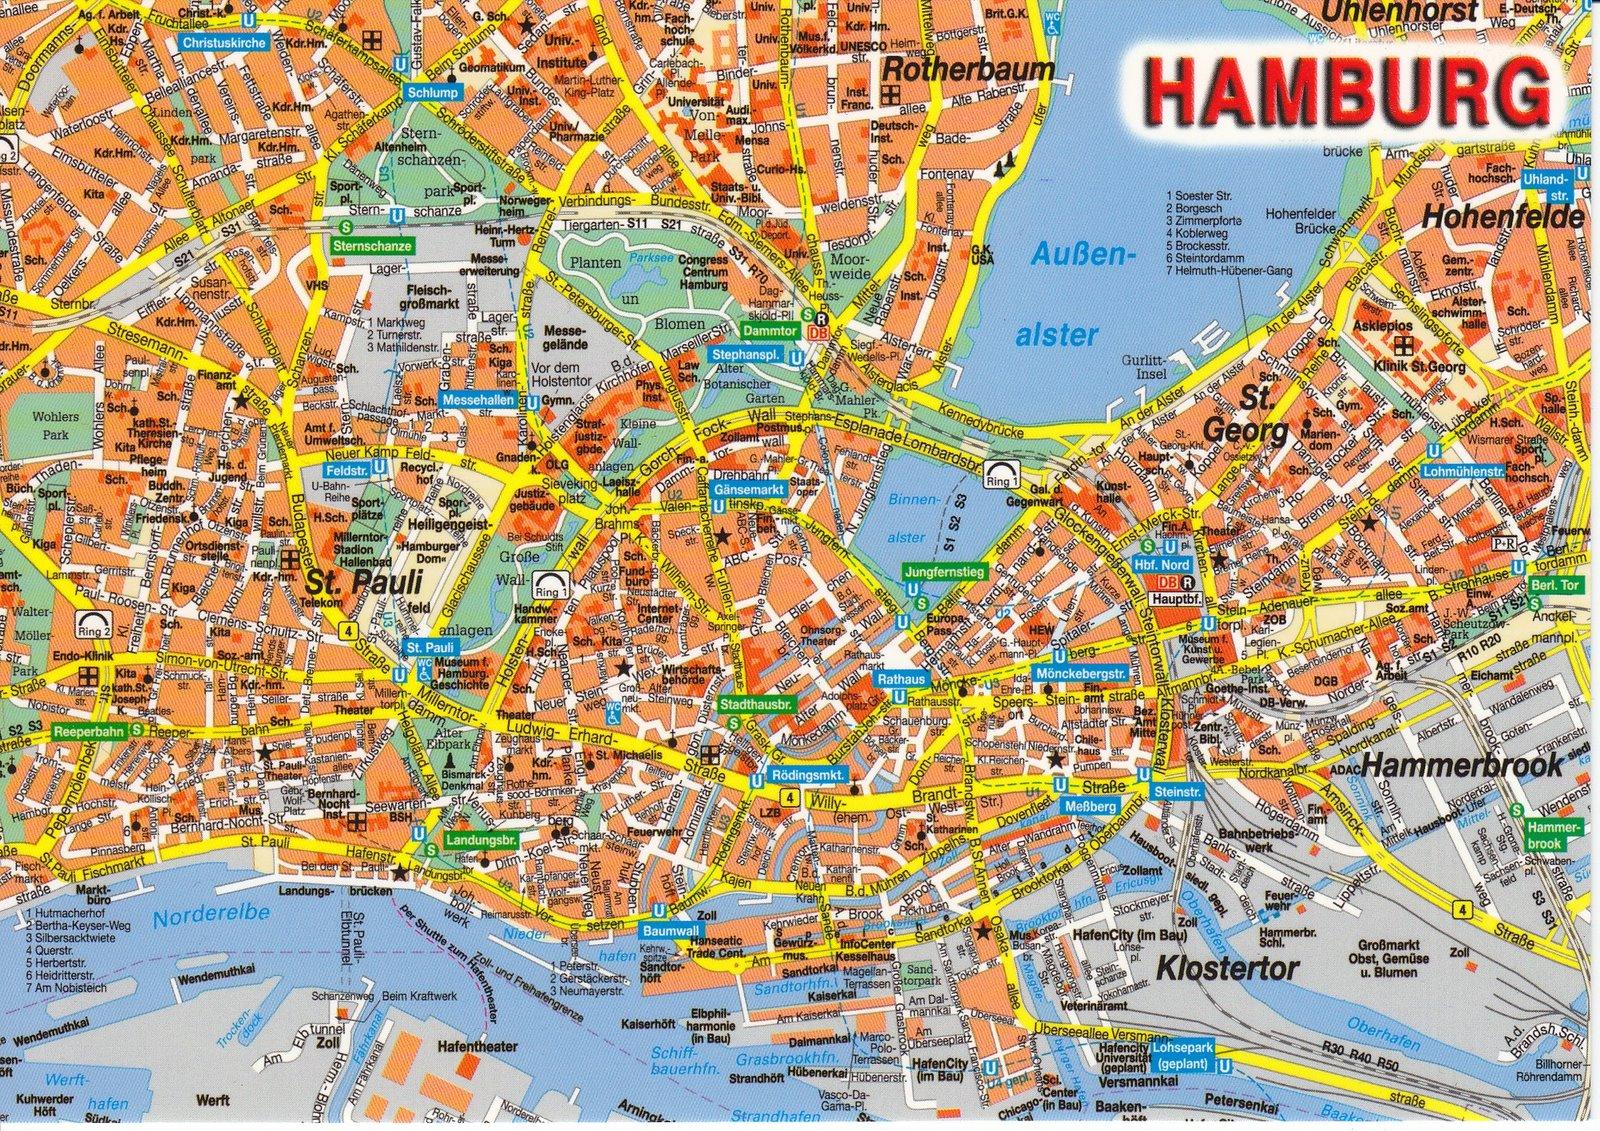 stadt hamburg karte Deutschlandkarte: Hamburg Stadt Karte Bilder